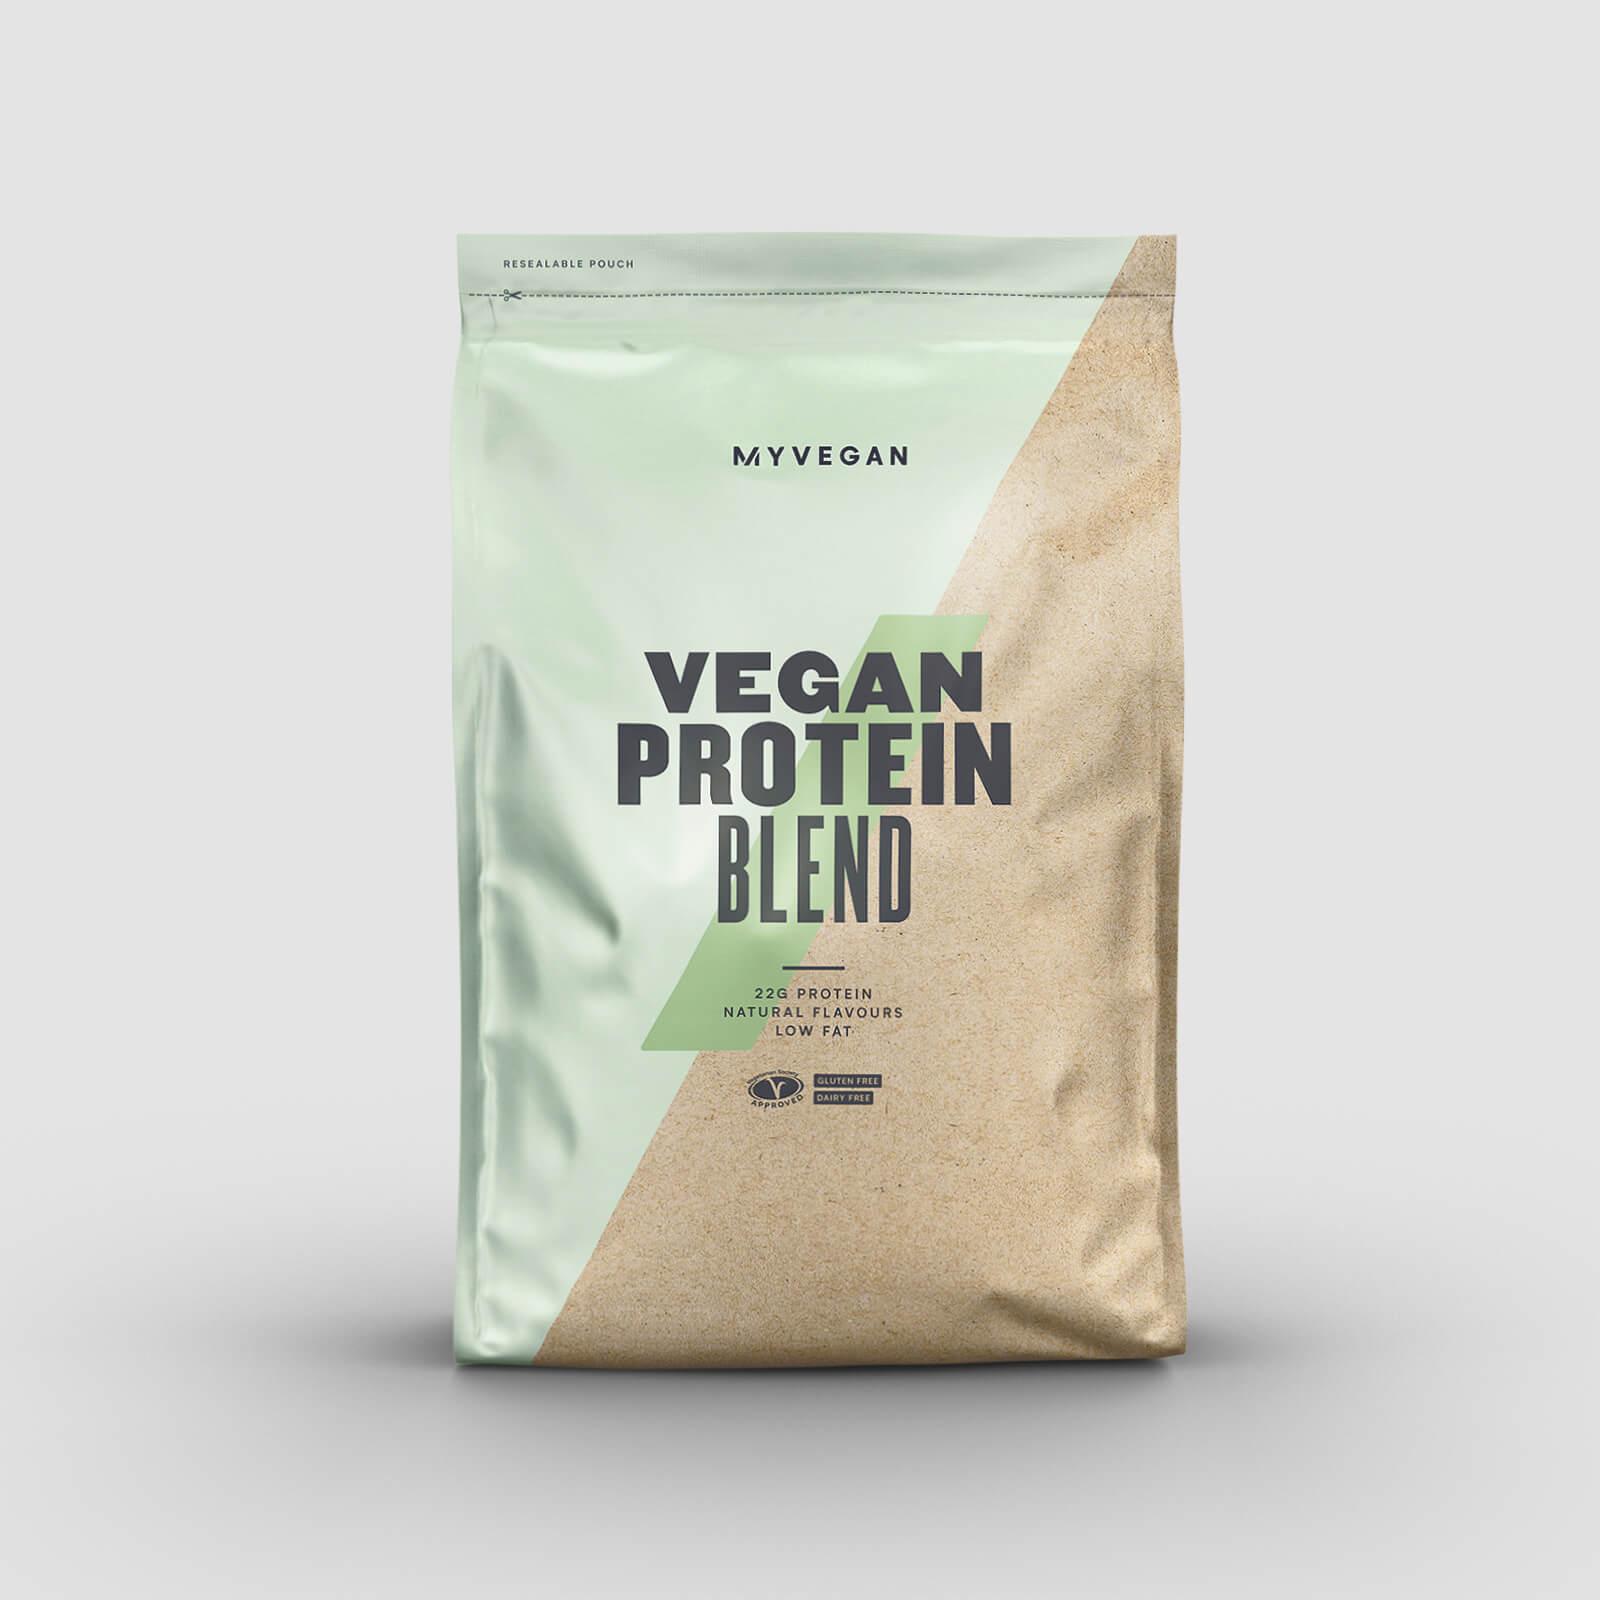 Abverkauf bei Myprotein Frankreich: z.B. 2.5kg Vegan Protein Blend - 16,15€   5kg Maltodextrin - 5€   12x 70g Protein Bar Elite - 5,66€